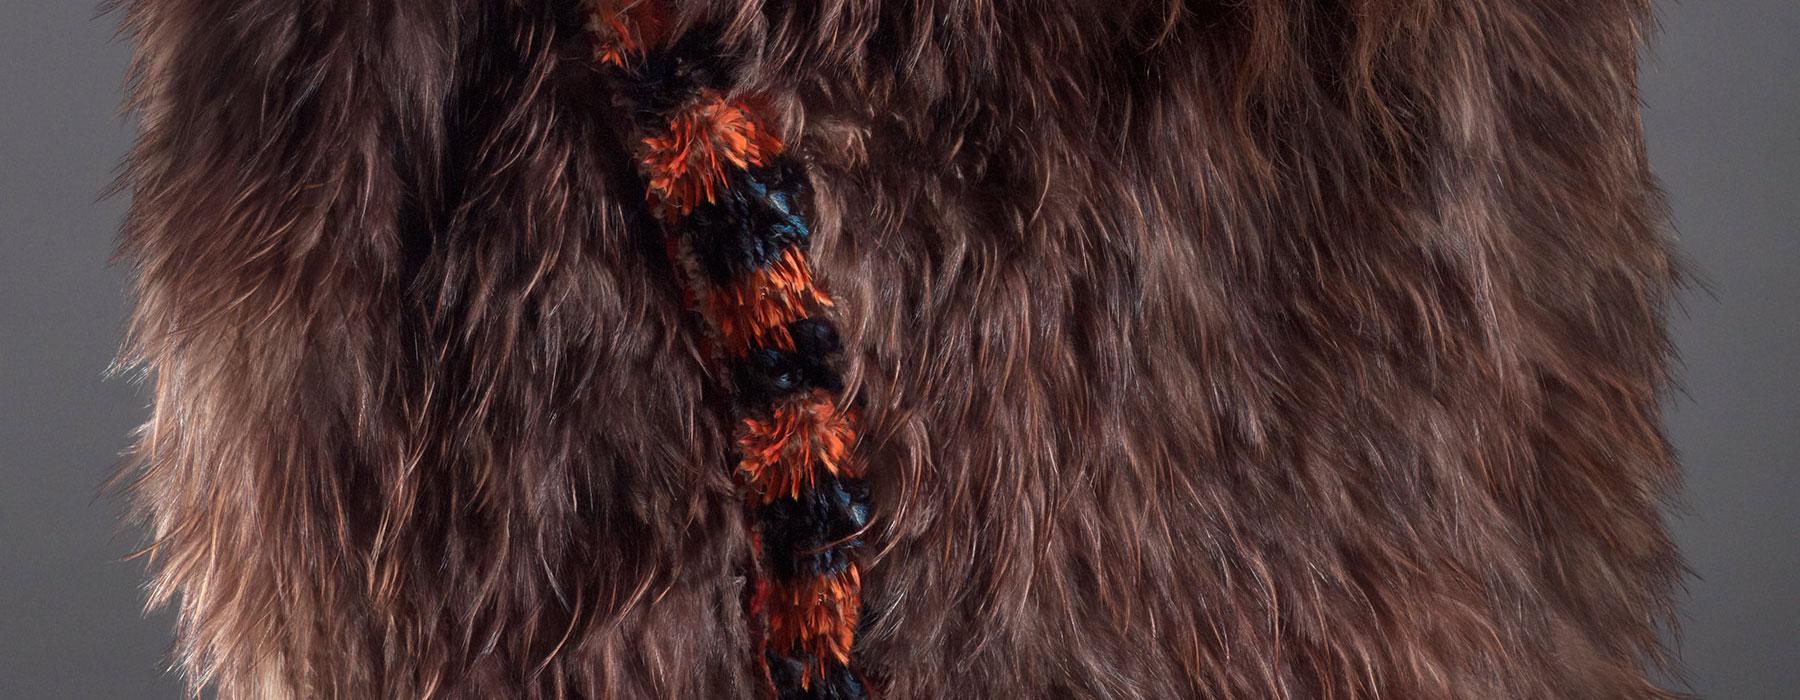 [Detail] Atareta Sciascia wearing kahu kuri. Te Papa